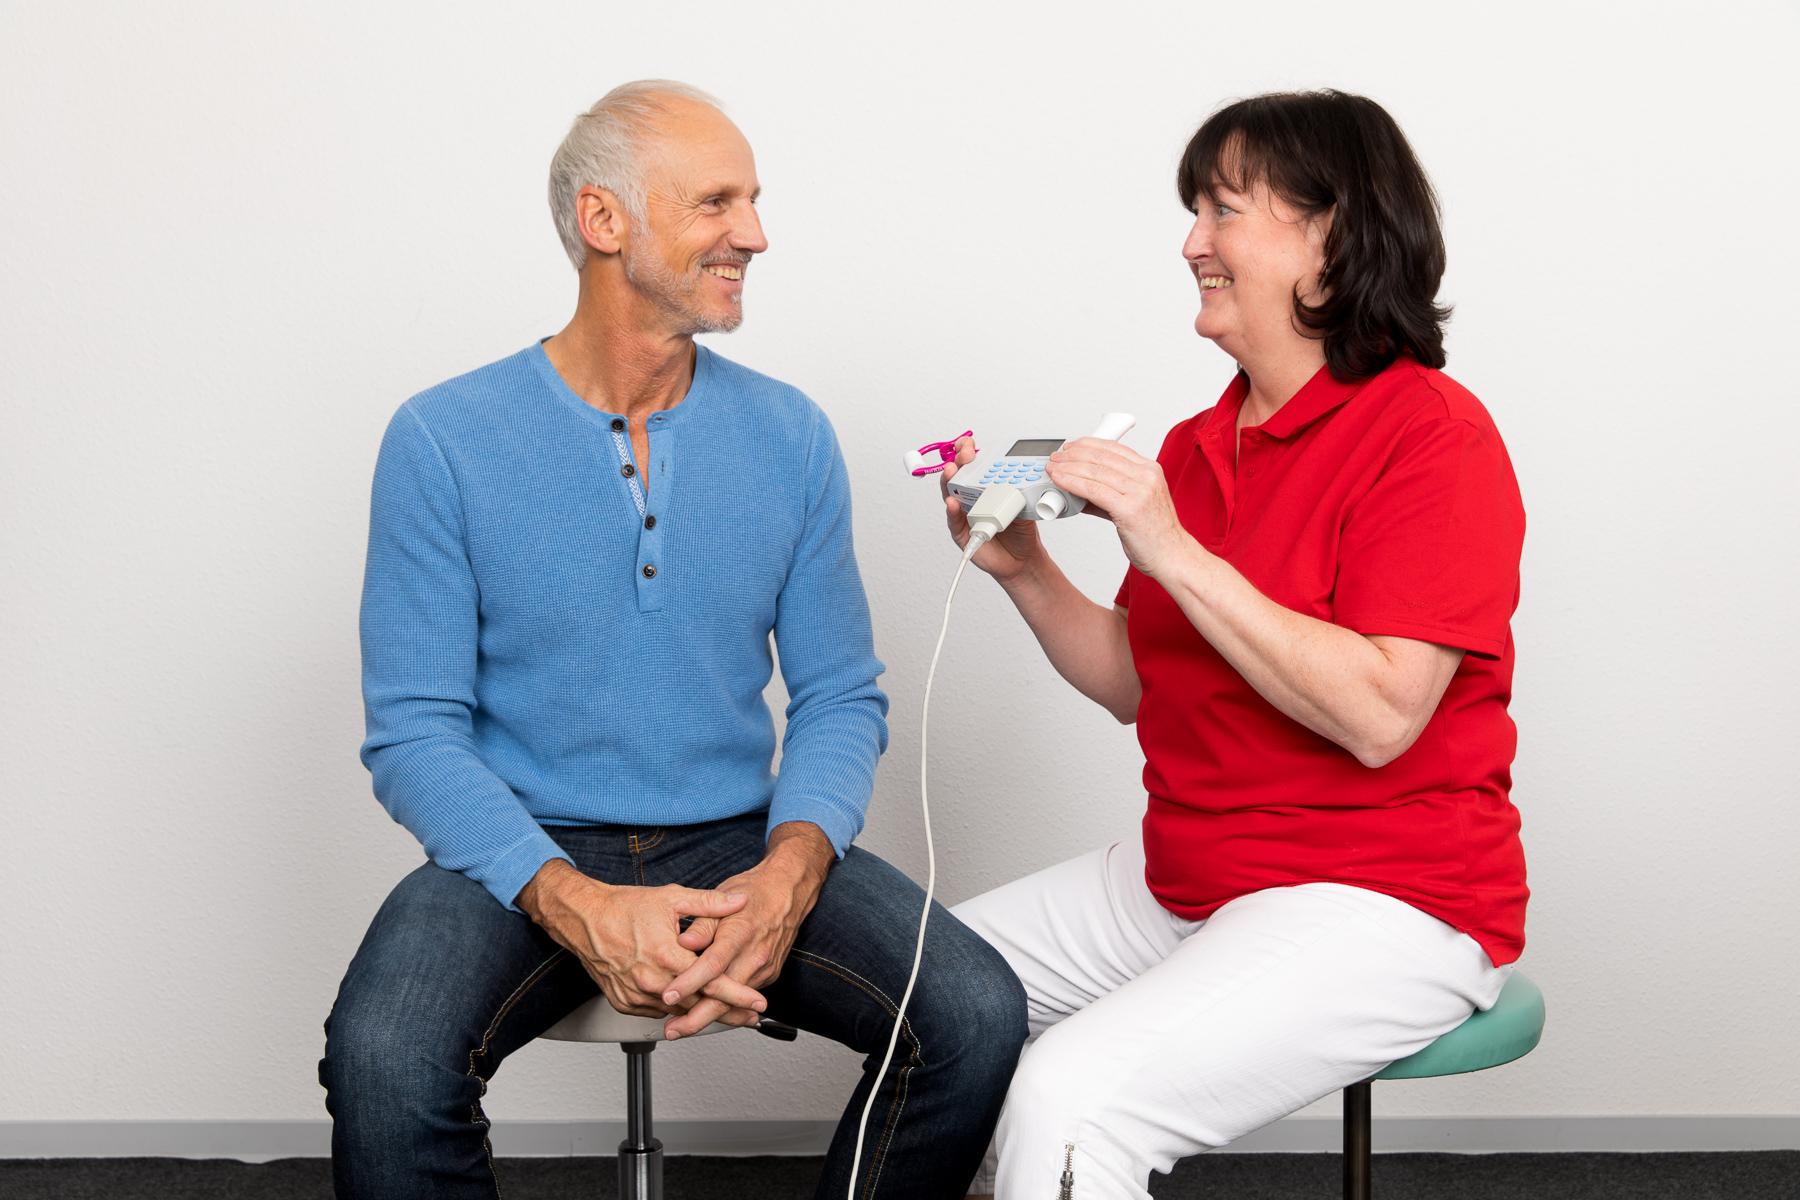 Kerstin erklärt den Lungenfunktionstest